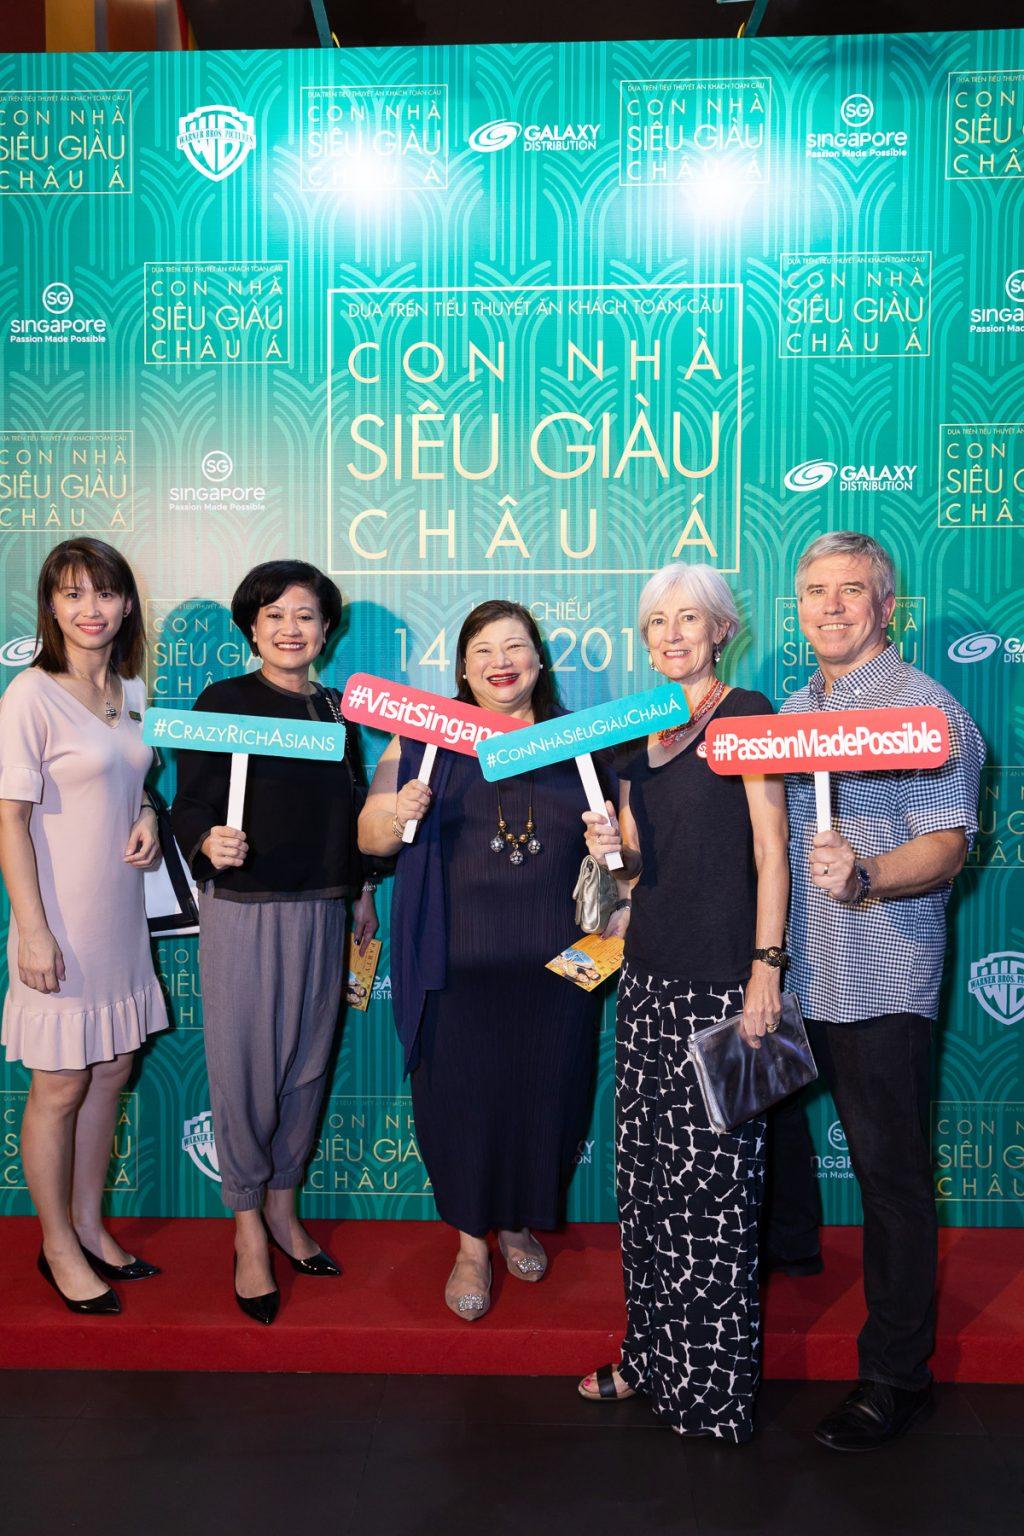 công chiếu phim Con Nhà Siêu Giàu Châu Á Crazy Rich Asians